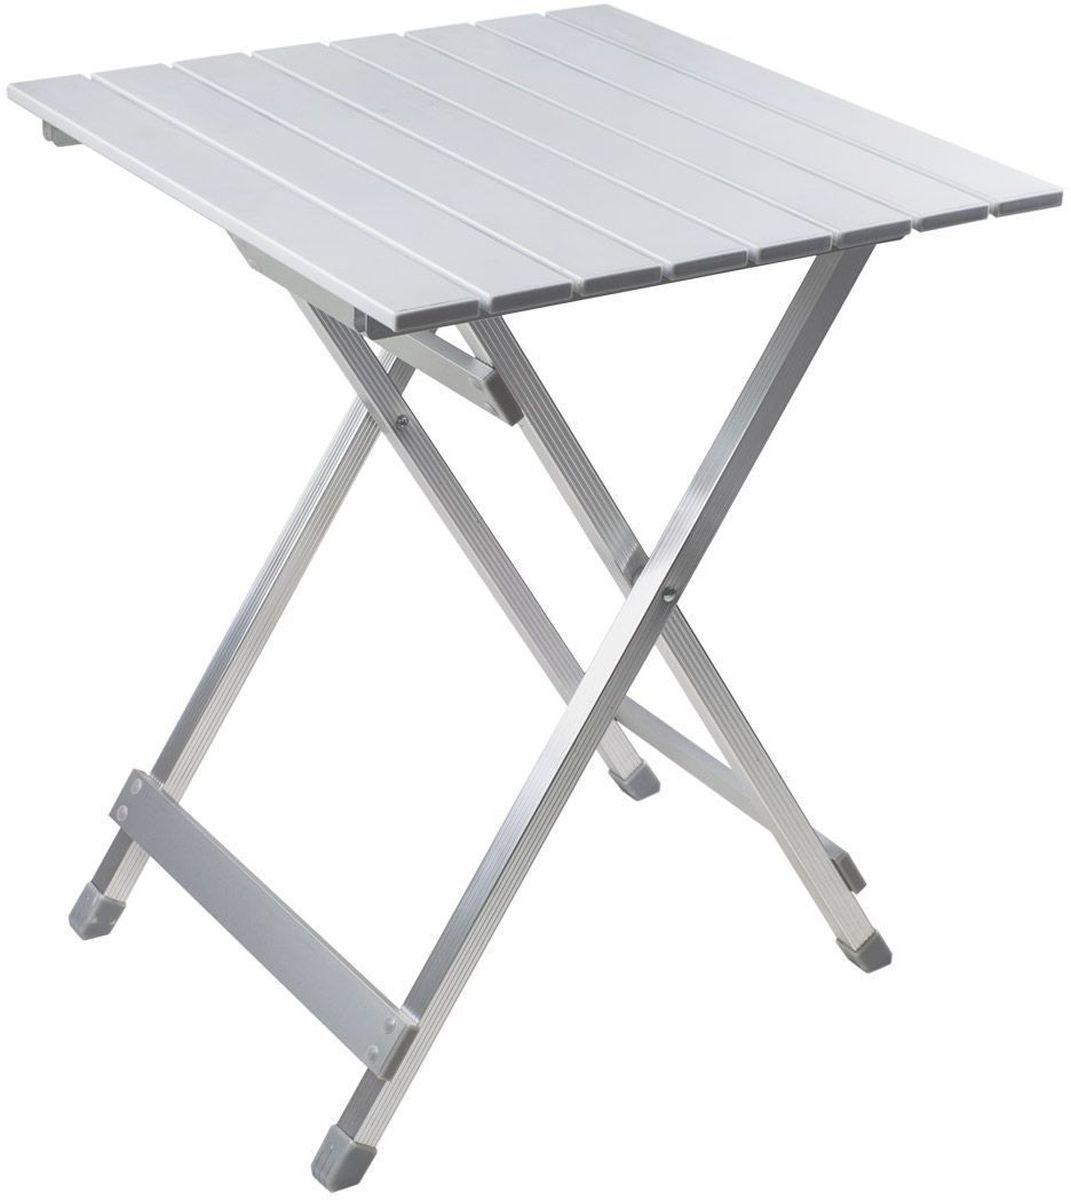 Стол складной GoGarden Compact 50, садовый, 50 х 48 х 61см50355Небольшой многофункциональный стол GoGarden Compact 50 выполнен из наборного алюминия.Легкий, компактный, в сложенном виде очень удобен для переноски.Складывается и раскладывается за 10 секунд.Прочная, устойчивая конструкция.Стол можно поставить рядом с шезлонгами для напитков, использовать для еды или как декоративную подставку под цветы и хранить на открытом воздухе в течение всего года. Рама выполнена из высококачественного 22/22 / 55/11 мм алюминия. В сложенном состоянии не занимает много места.Размер в разложенном виде: 50 х 48 х 61 см.Размер в сложенном виде: 70 х 50 х 5 см.Вес: 2,2 кг.Нагрузка: 30 кг.